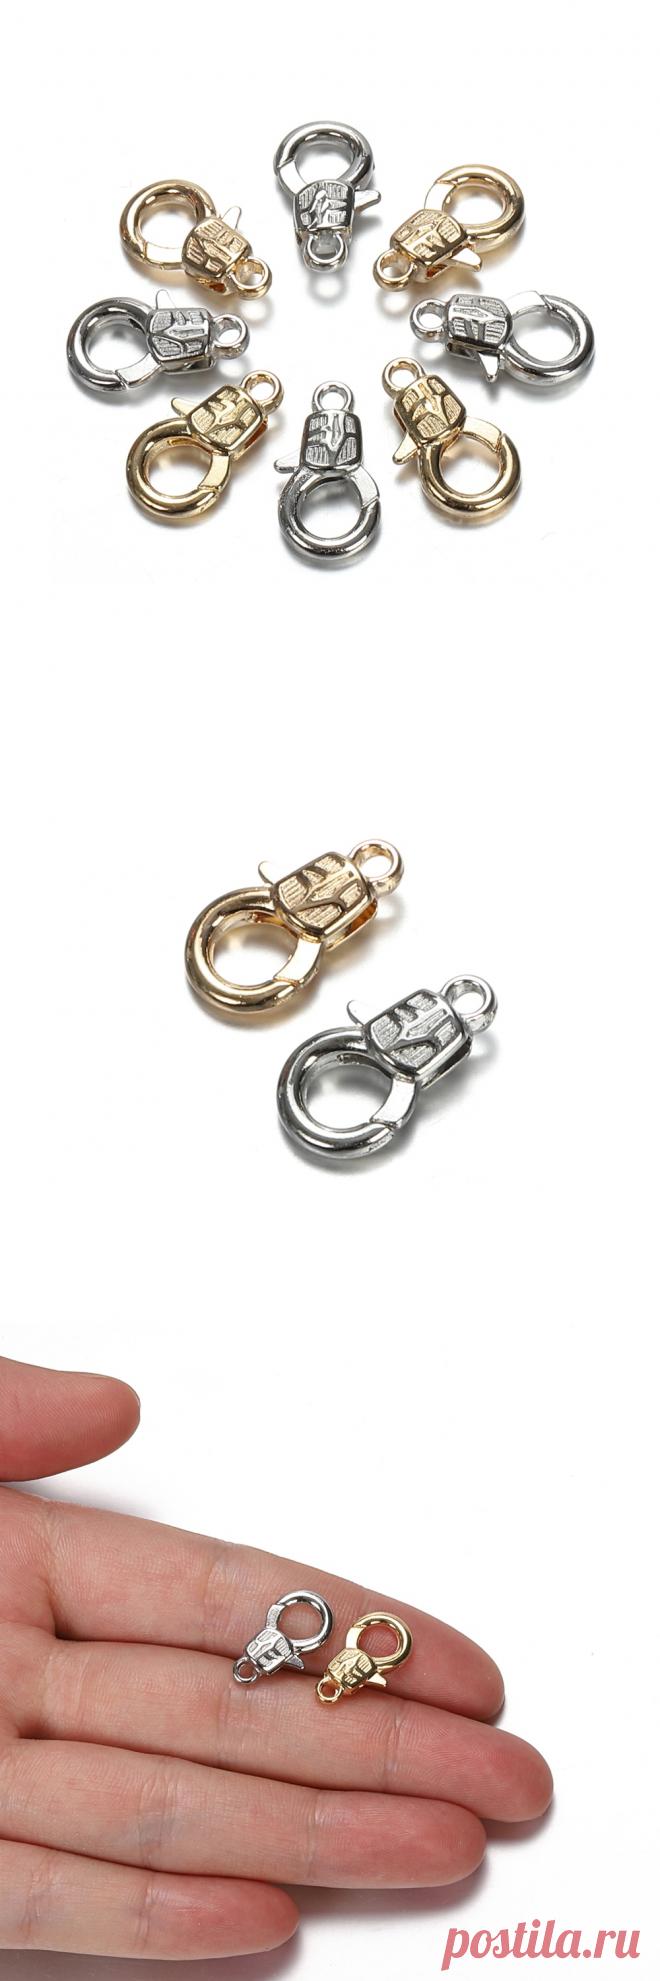 30 шт. 16 мм металлические застежки карабины для браслетов, ожерелья, крючки, застежка цепочка, аксессуары для рукоделия, комплектующие для изготовления ювелирных изделий, сделай сам|Ювелирная фурнитура и компоненты| | АлиЭкспресс